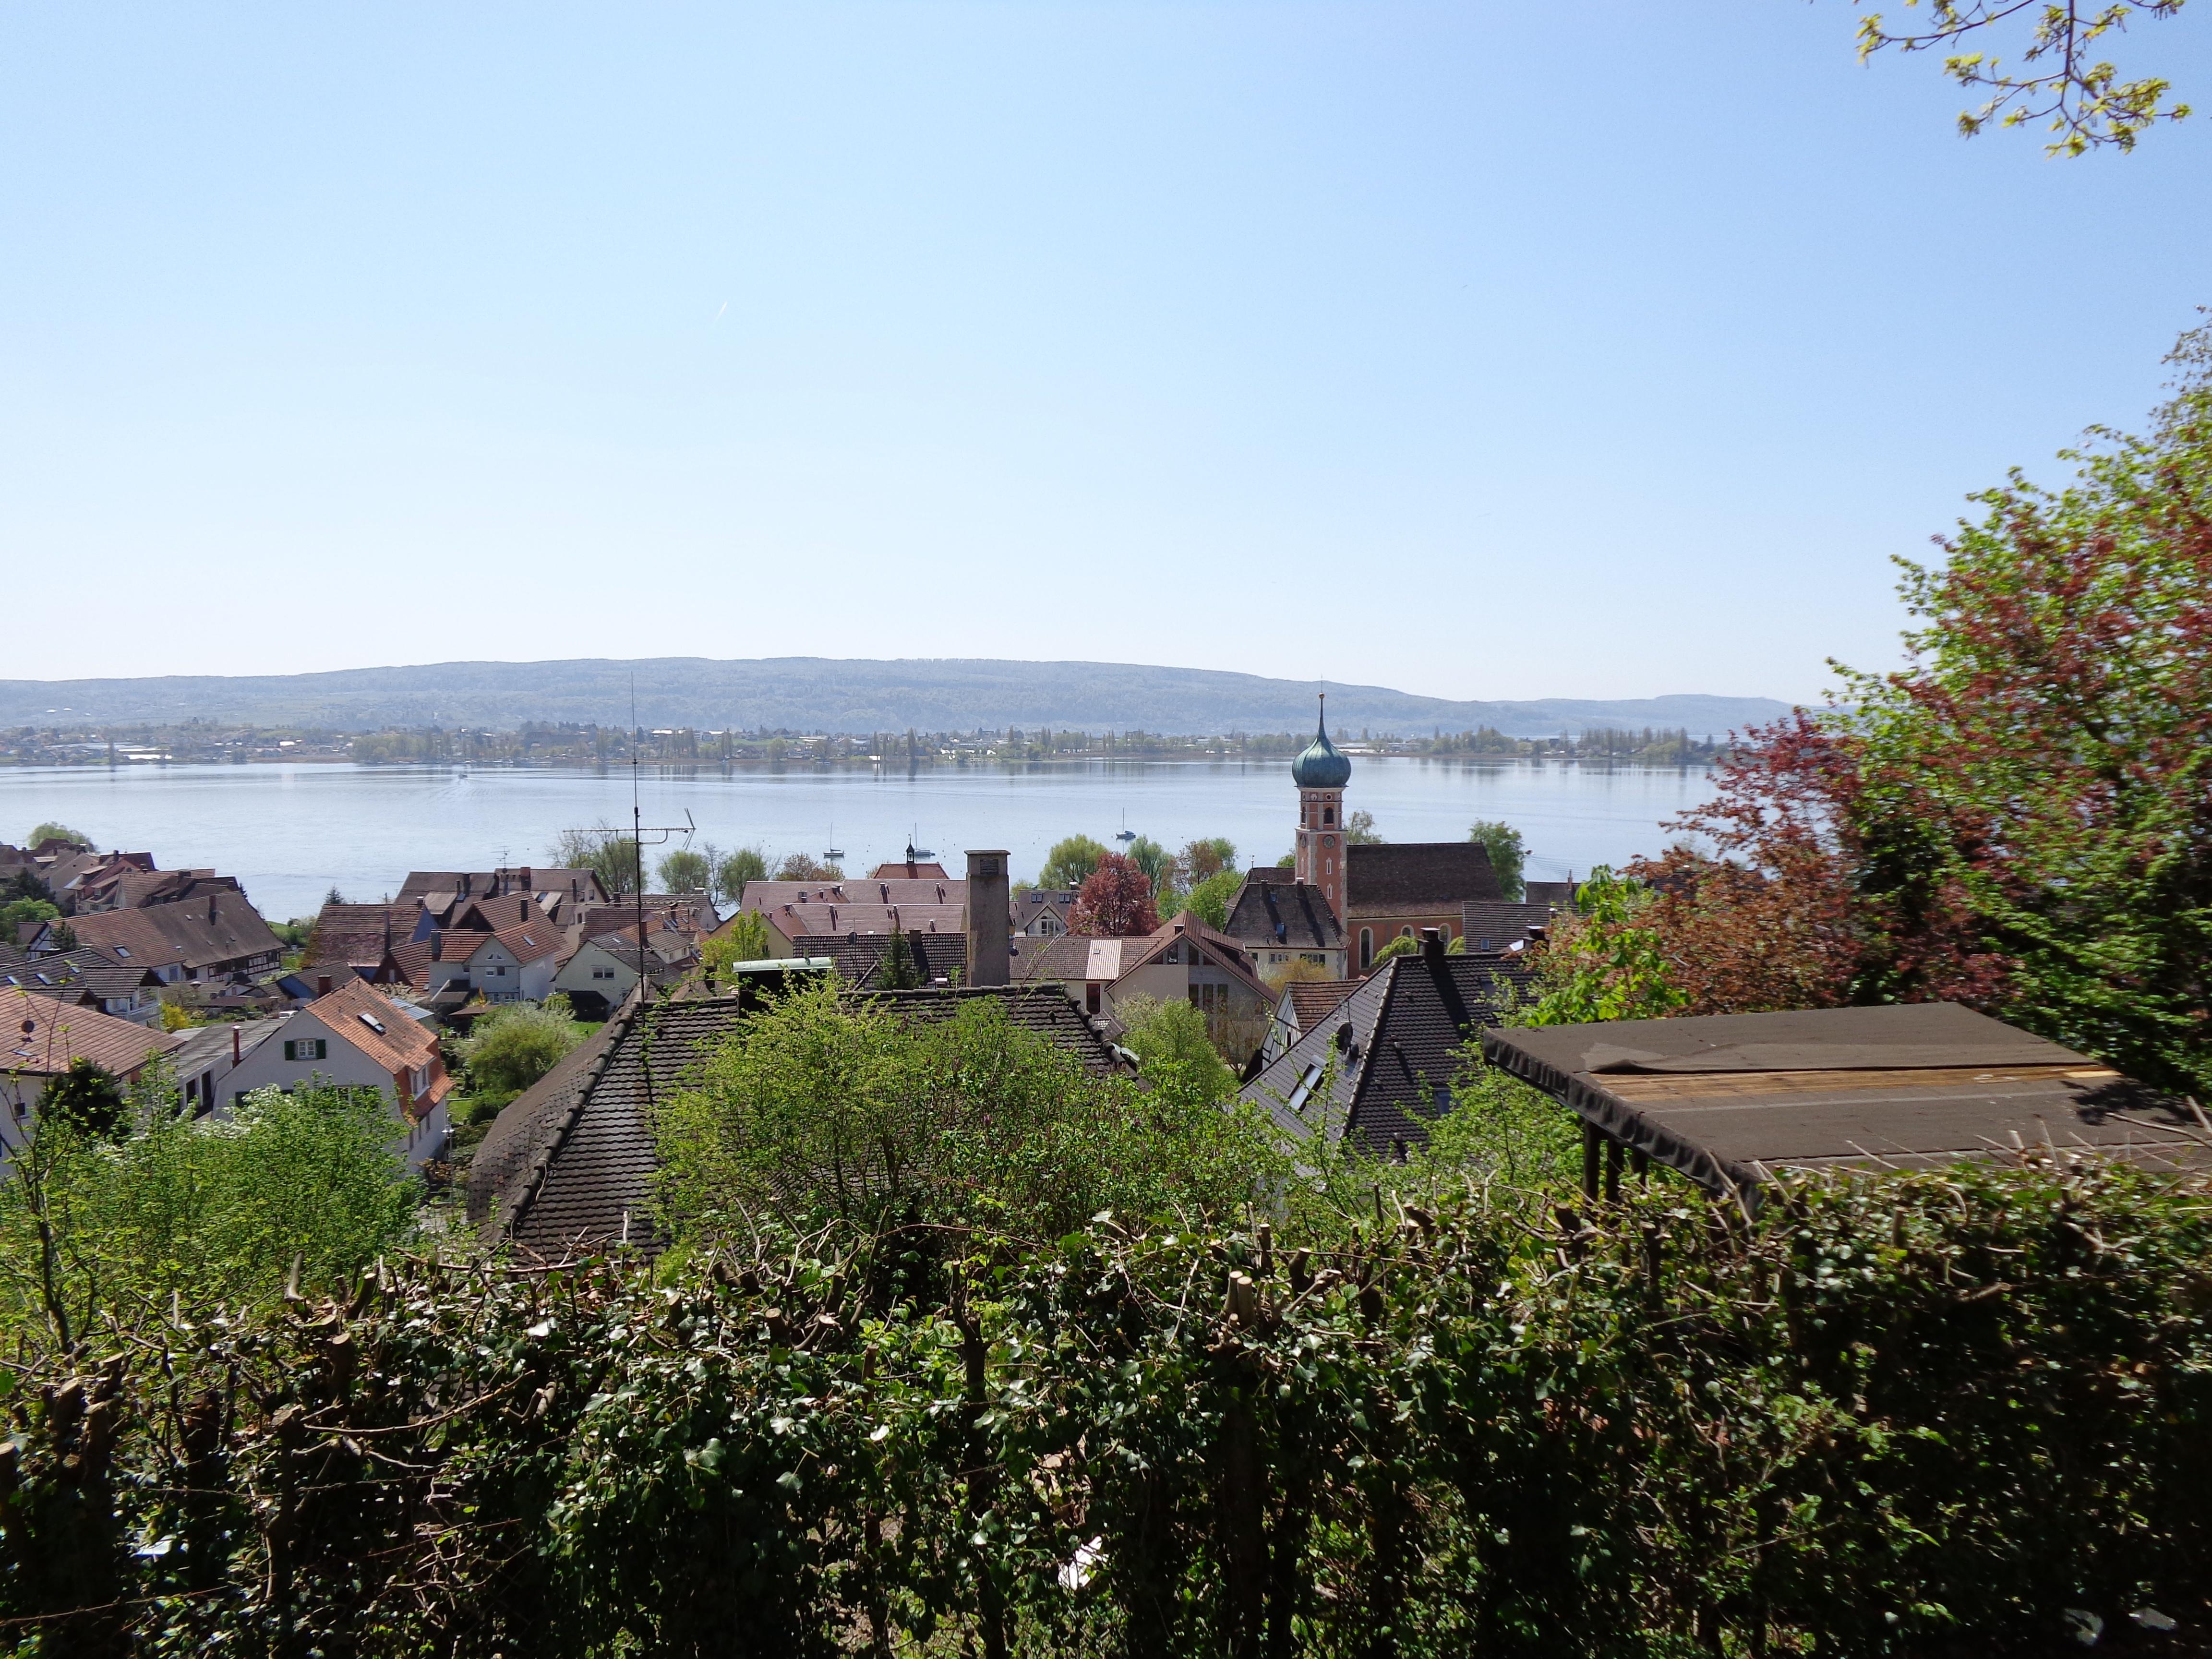 Blick auf den Untersee vom Höhrenberg